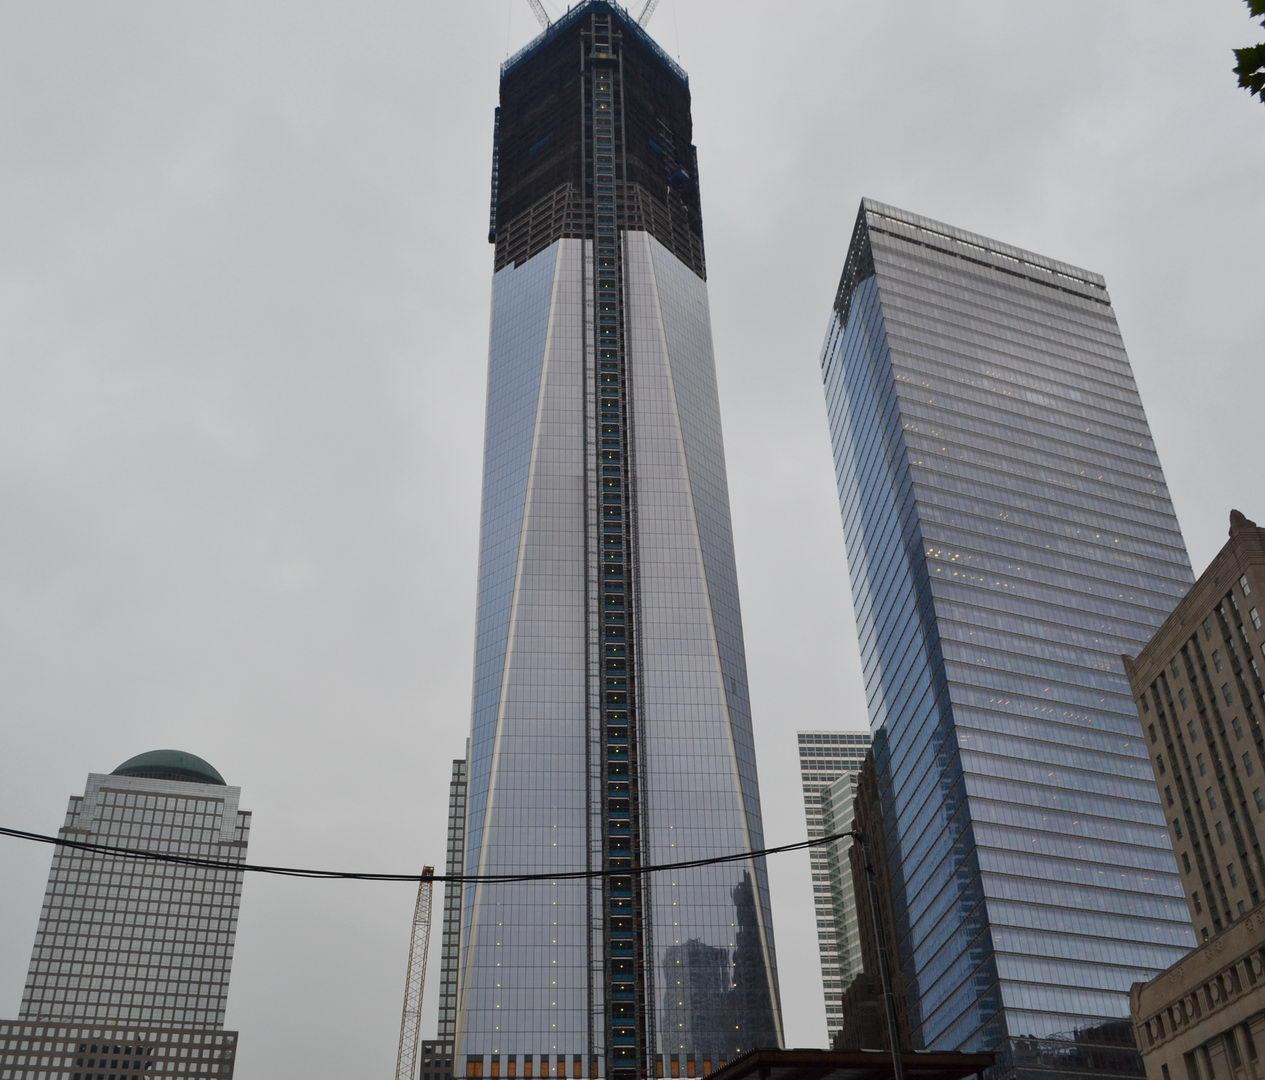 http://4.bp.blogspot.com/-vsv1Fb4GMEQ/T7pzd9k0SWI/AAAAAAAABeU/qlInu9AE9j8/s1600/one-world-trade-center-may14-2012.JPG